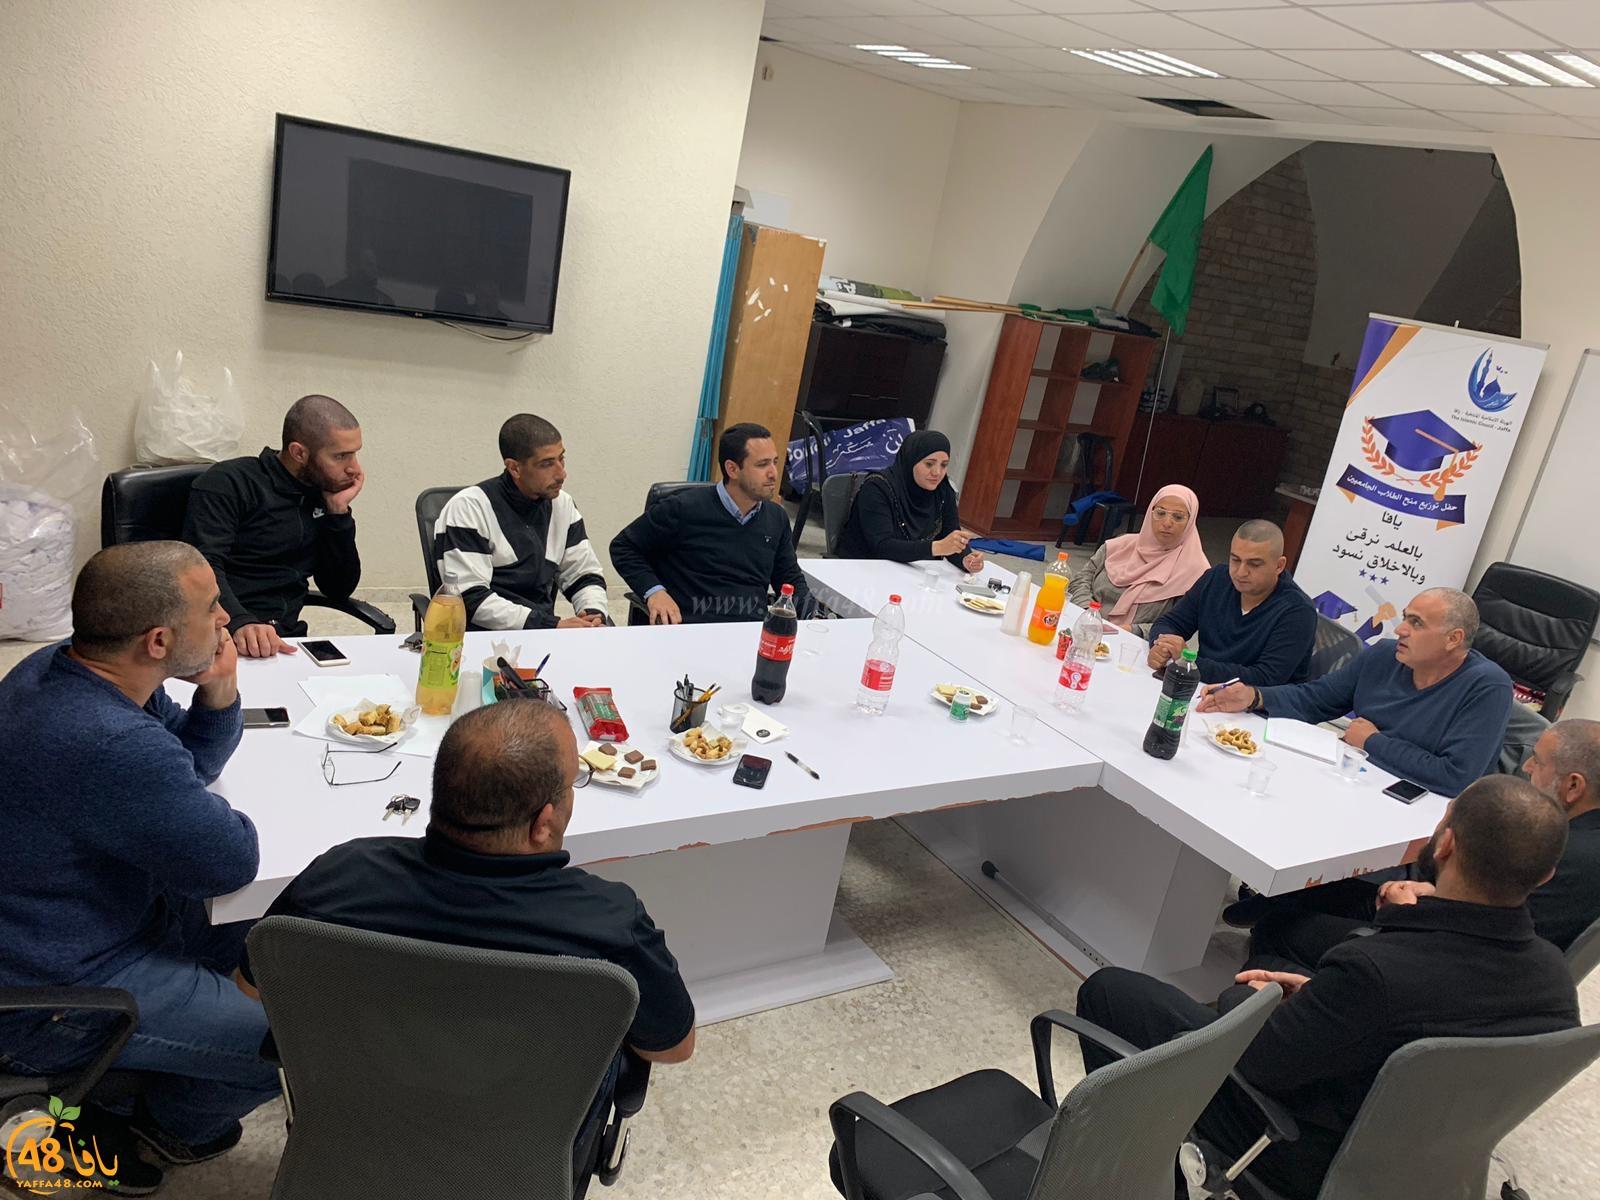 محمد دريعي رئيساً - الاعلان عن تركيبة الهيئة الاسلامية بيافا في دورتها الـ15